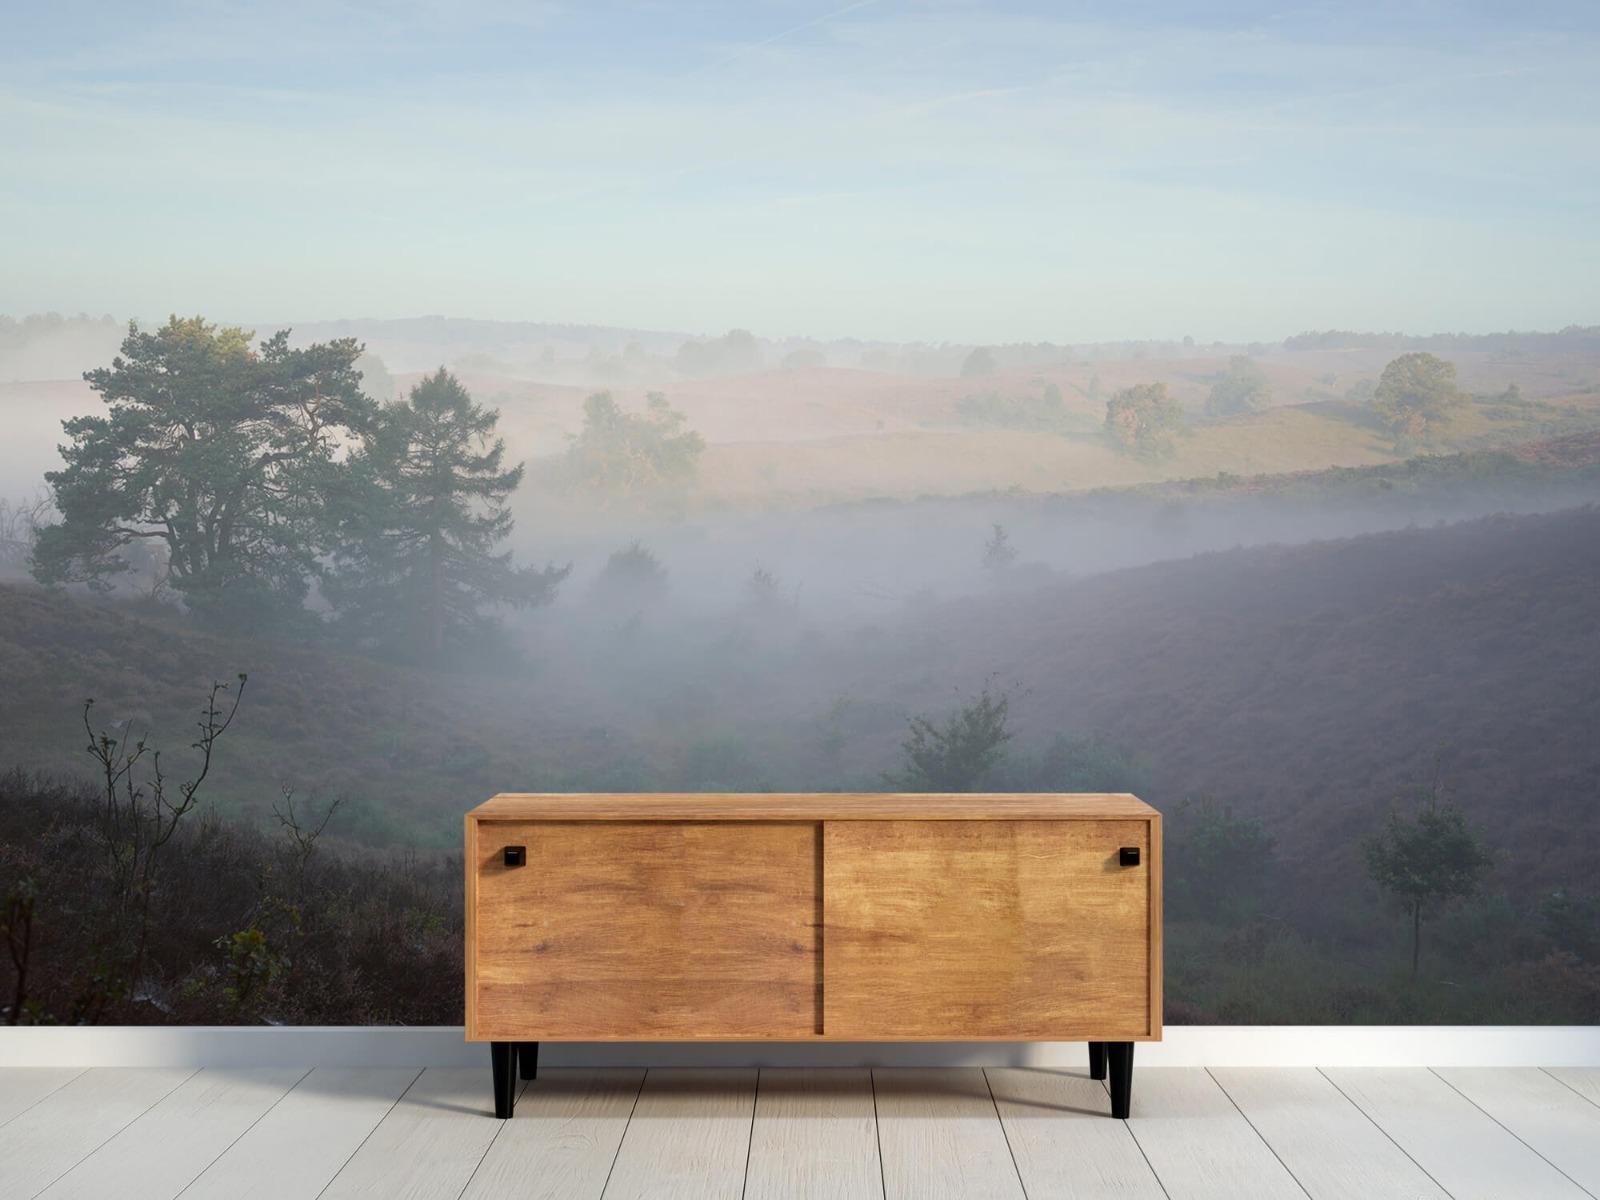 Landschap - Mist op de hei - Slaapkamer 9